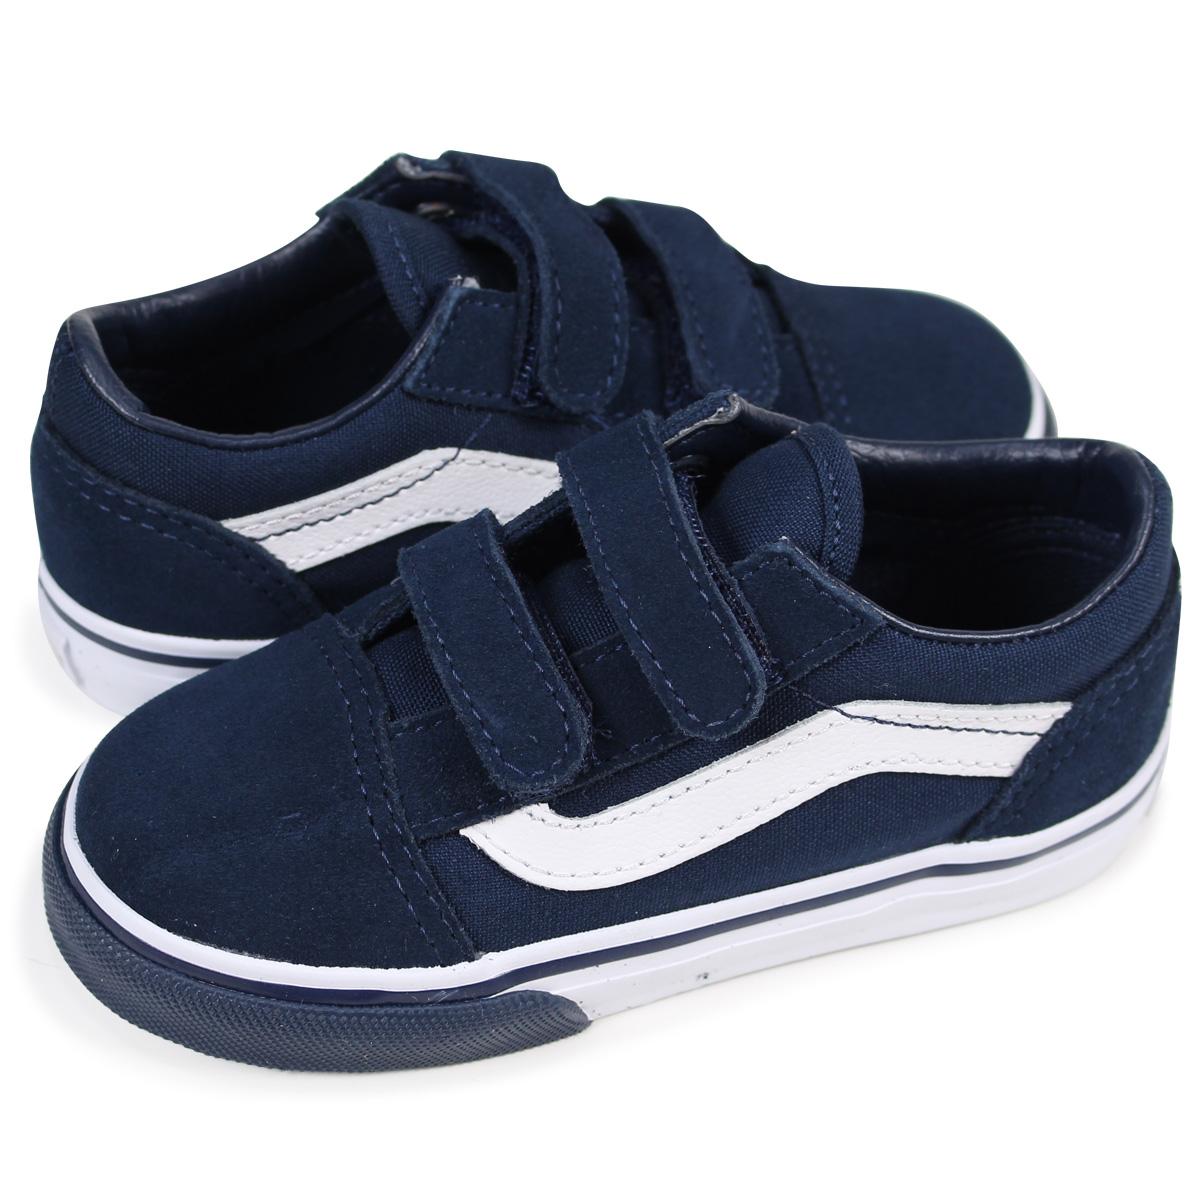 ALLSPORTS  VANS TODDLER OLD SKOOL VELCRO old school sneakers baby ... cee1b6d07